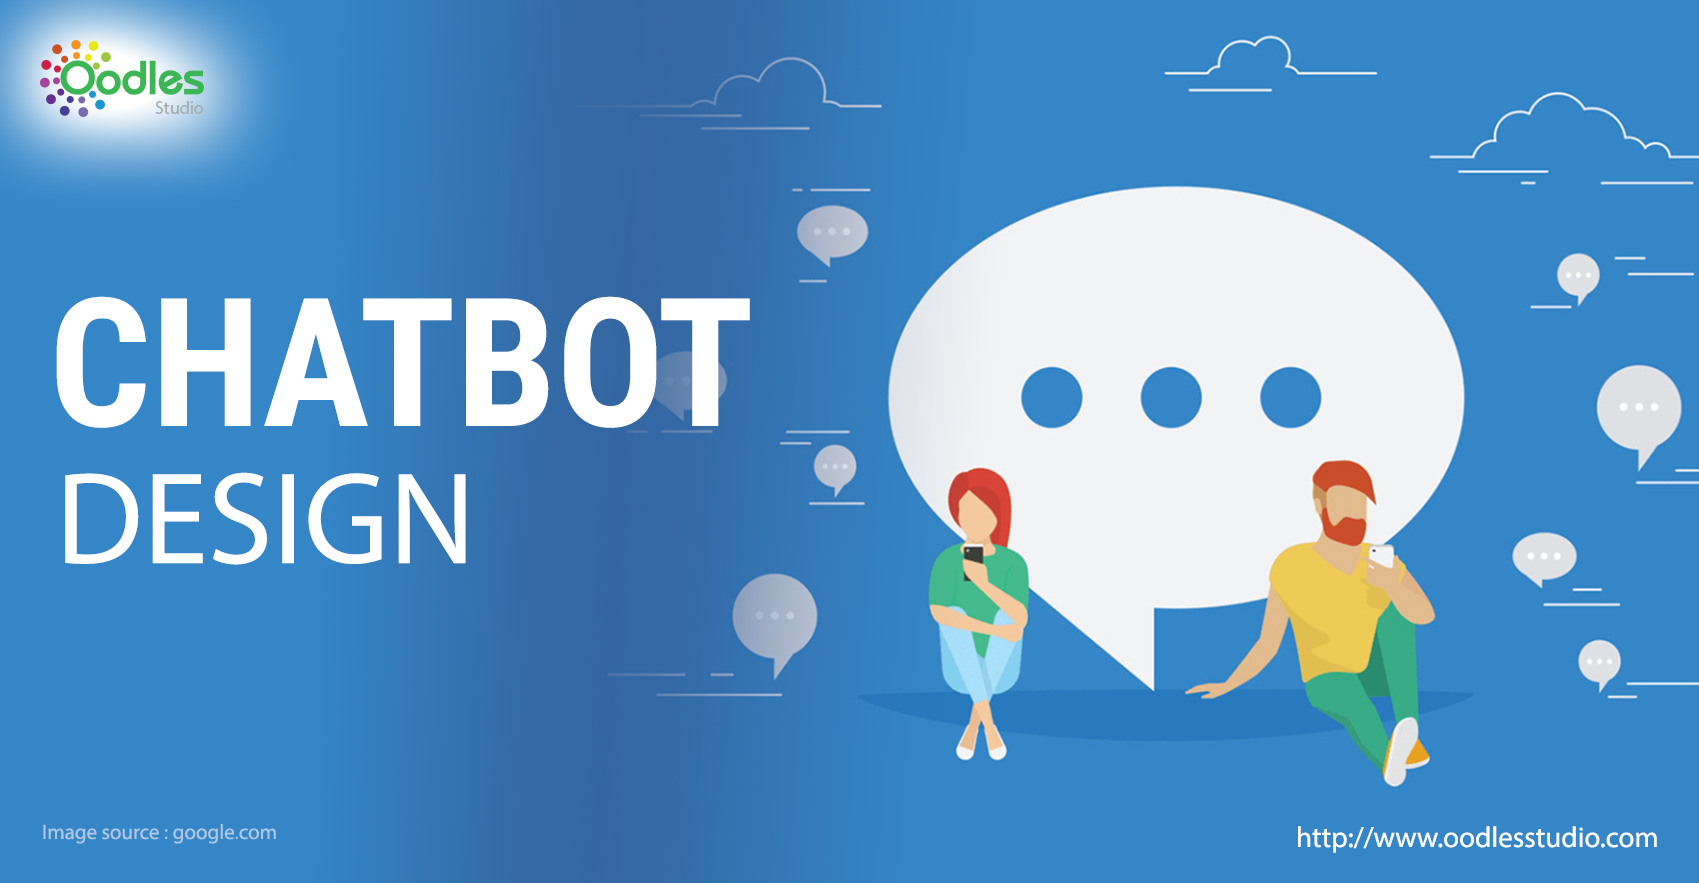 Chatbot Designing